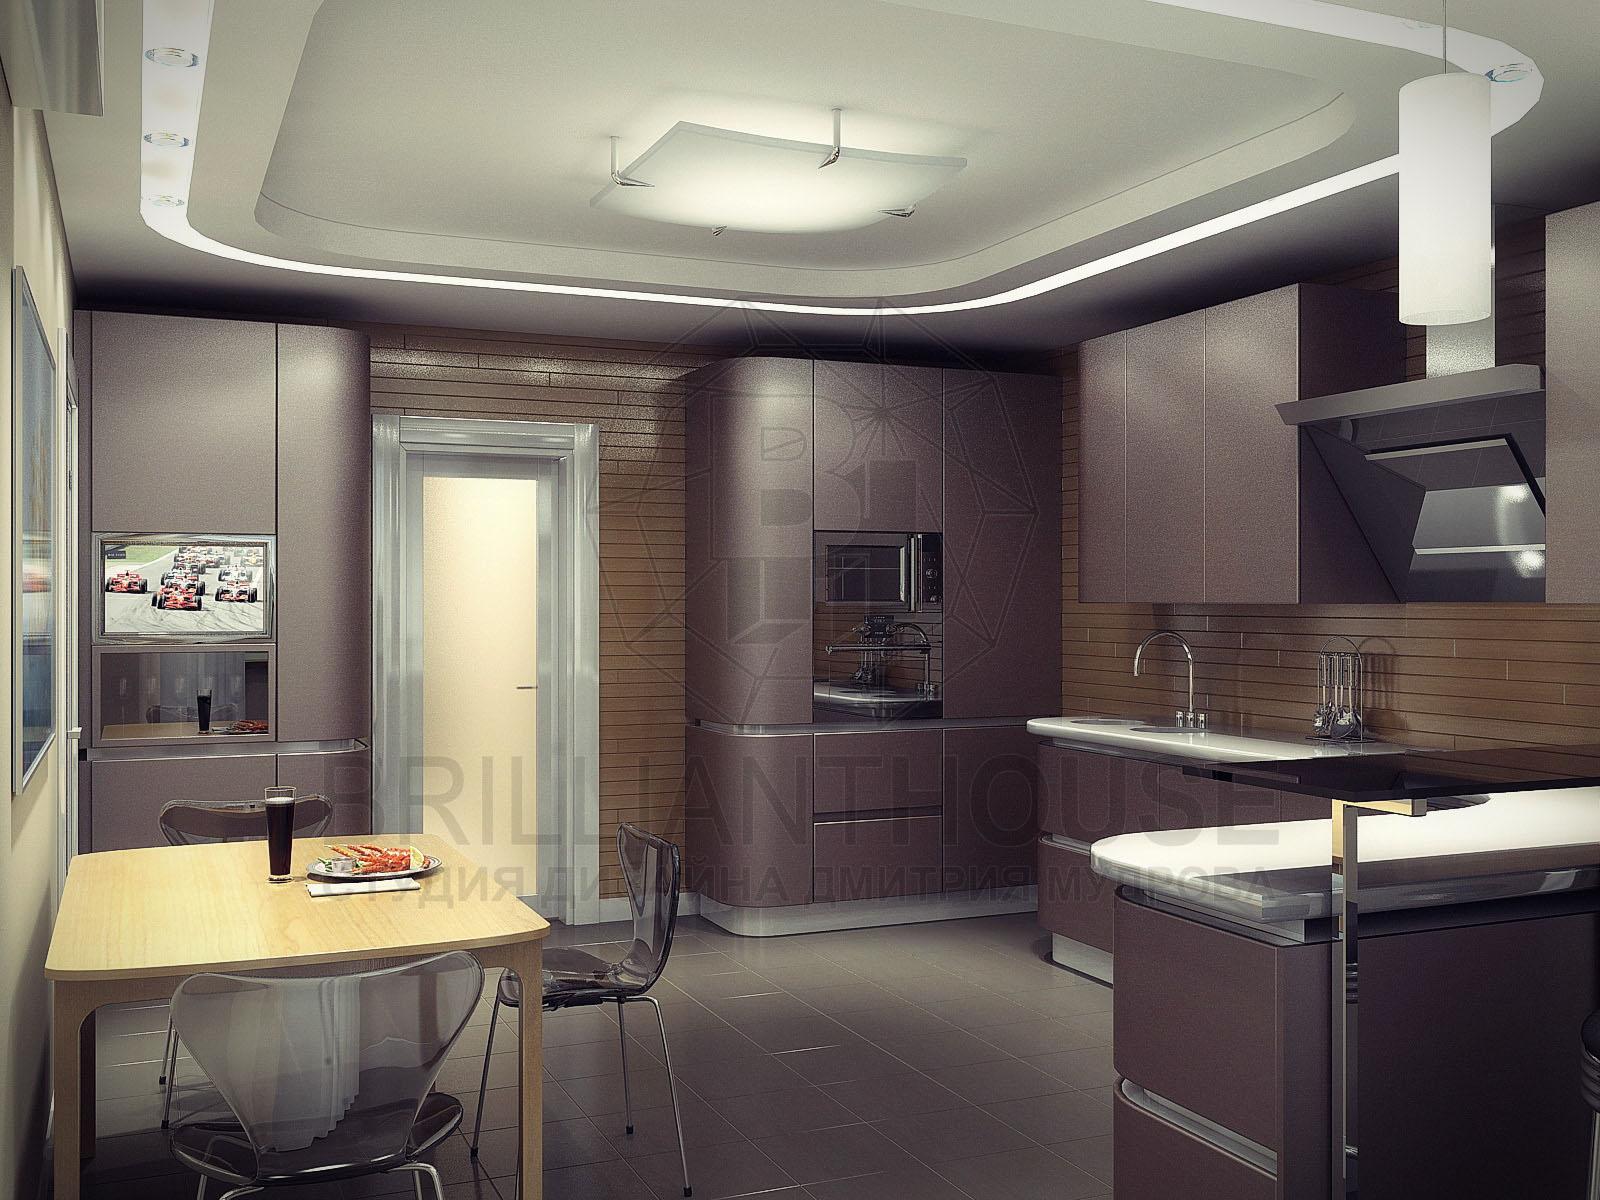 Сбербанка интерьер кухни дизайн кухни